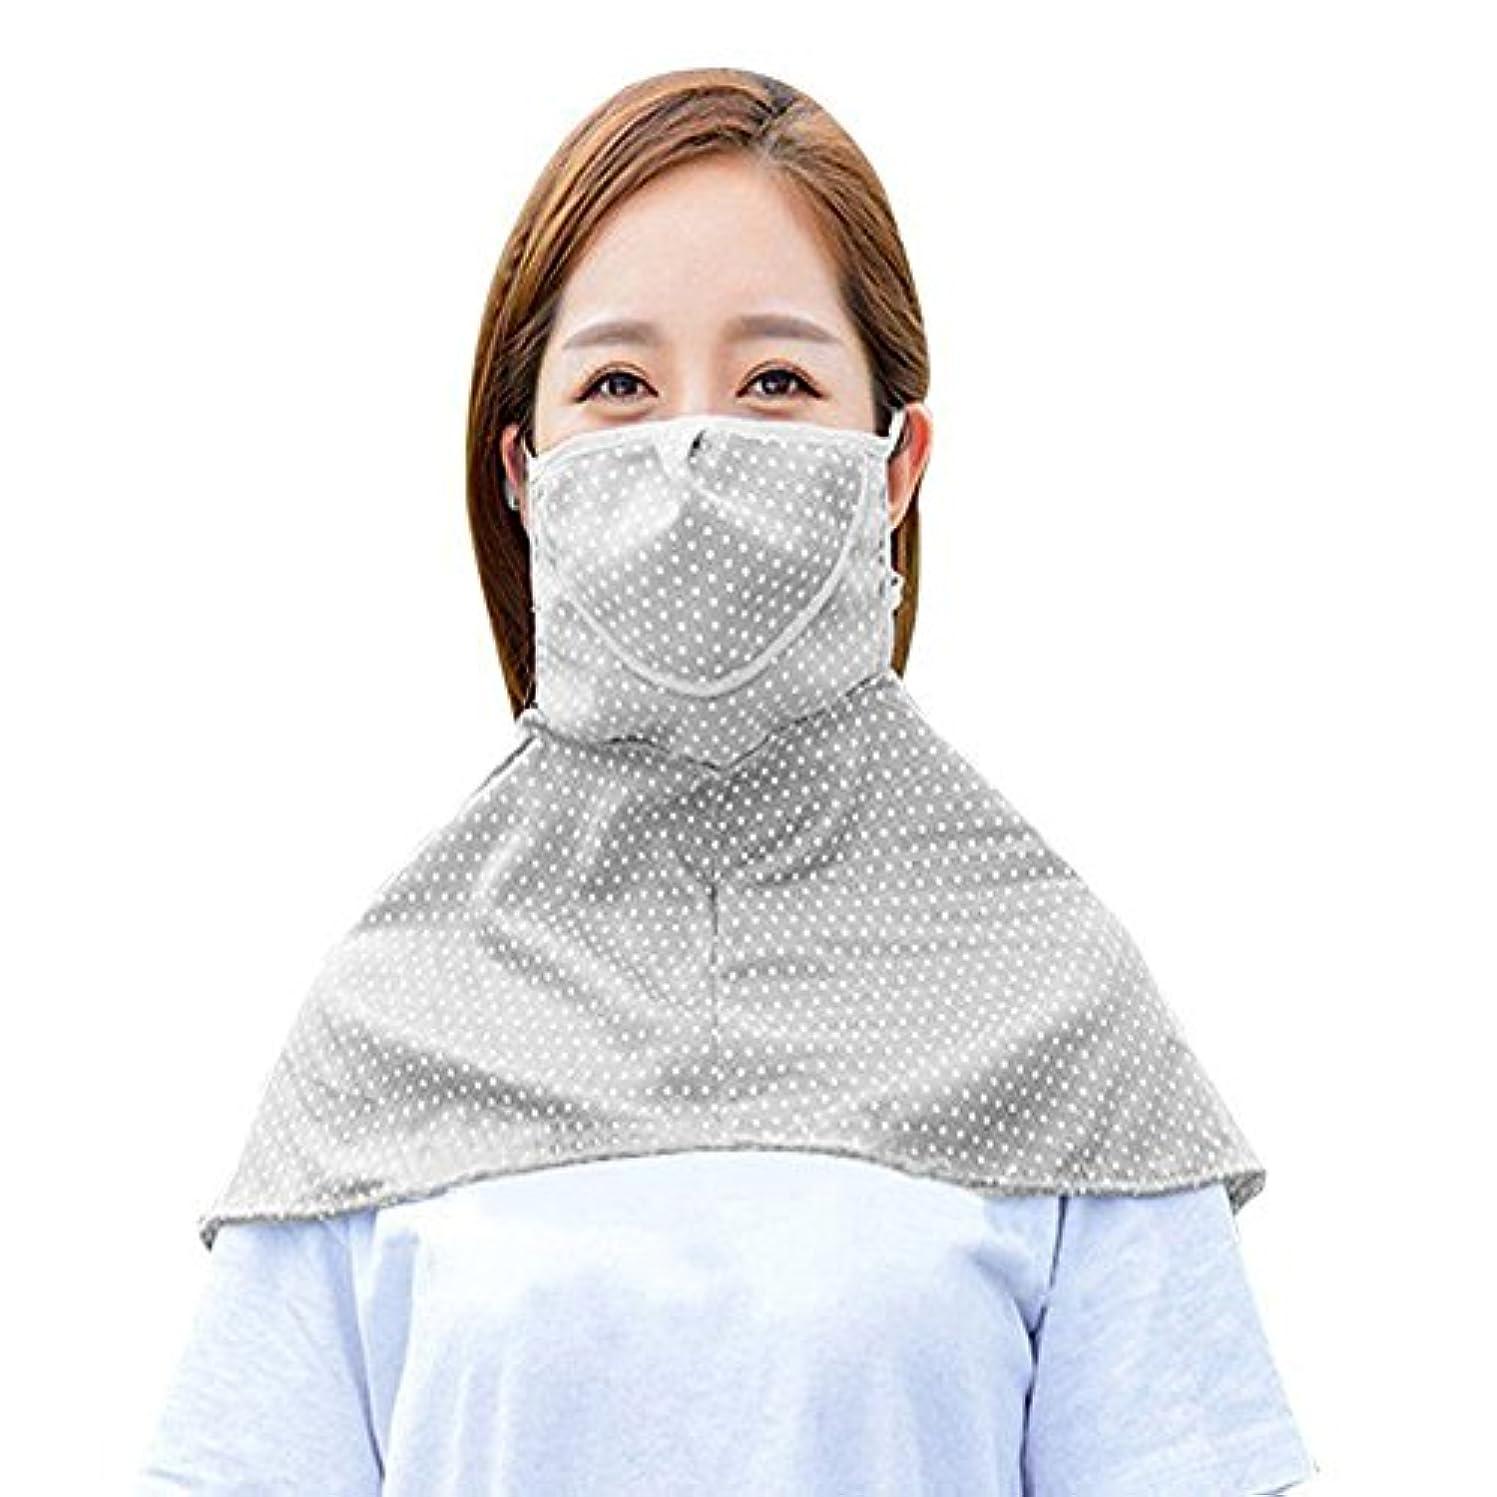 特に良さクレジットPureNicot 日焼け防止 フェイスマスク UVカット 紫外線対策 農作業 ガーデニング レディース 首もともガード 3D UVマスク (グレー ドット)